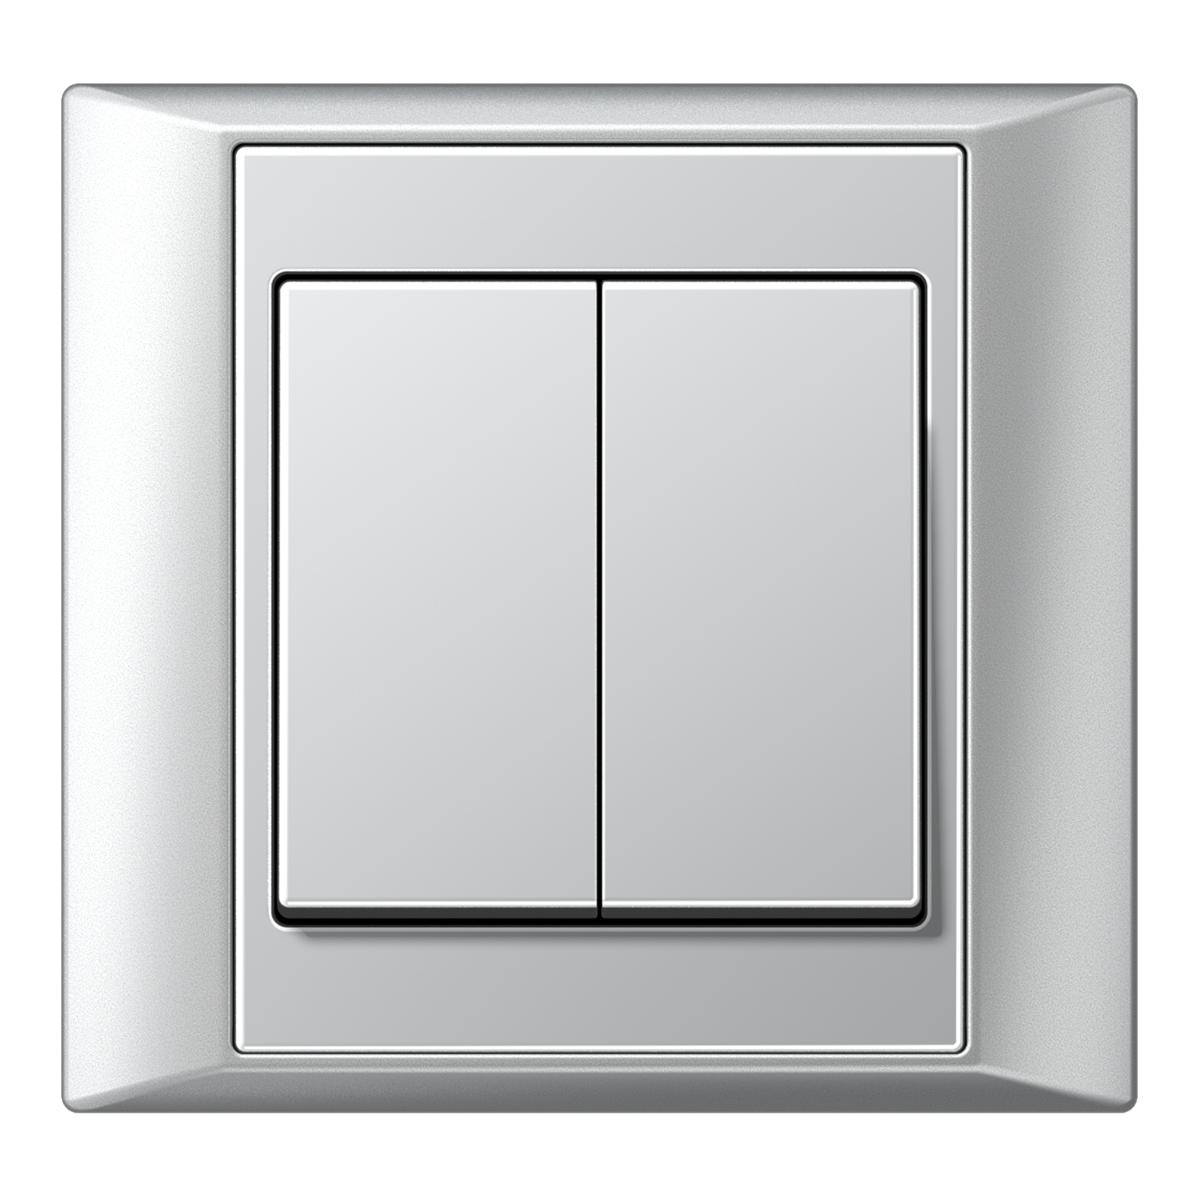 A plus 2-gang switch aluminium - на 360.ru: цены, описание, характеристики, где купить в Москве.